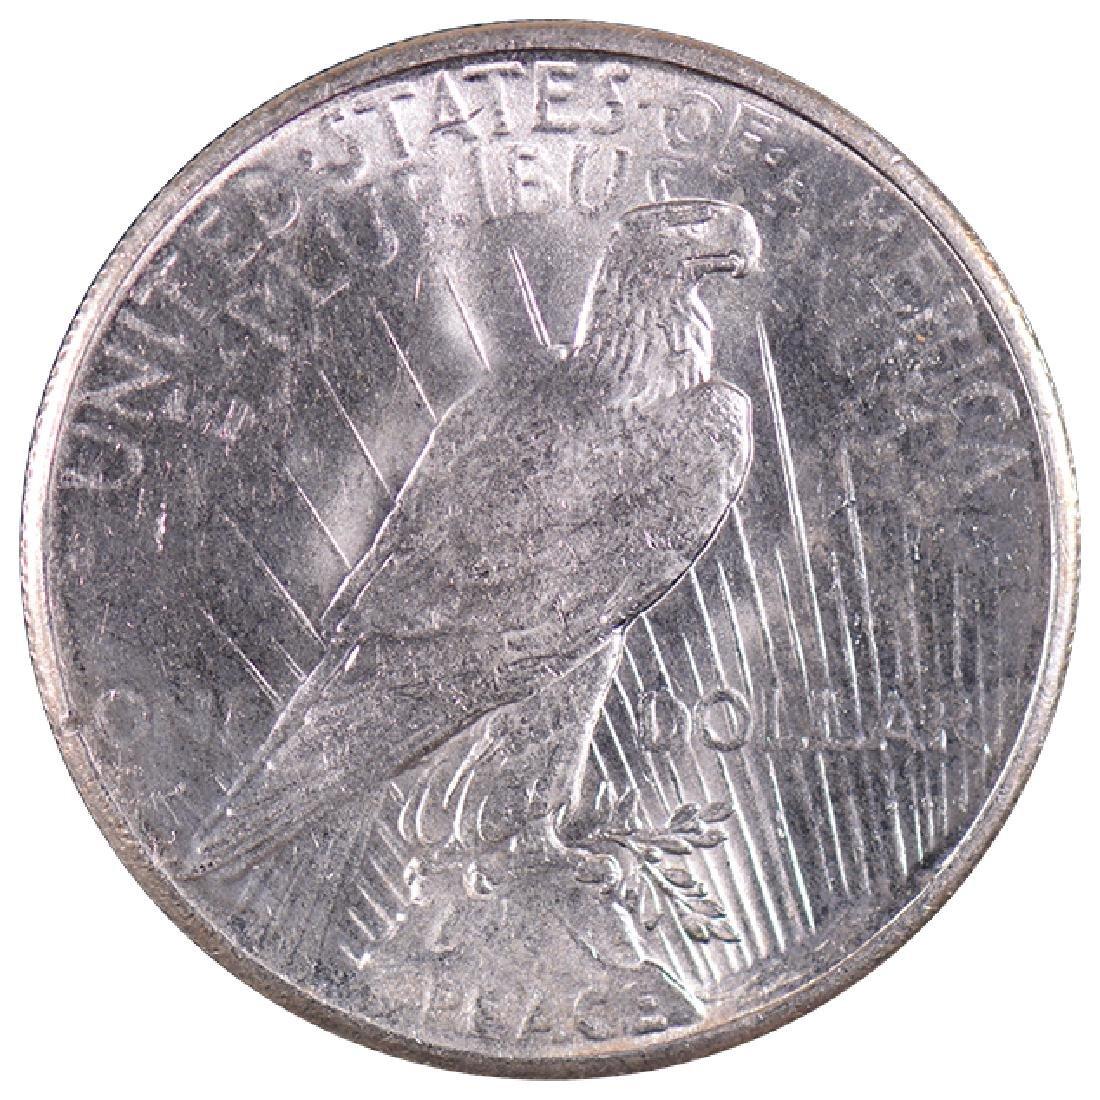 1926 $1 Peace Silver Dollar Coin - 2